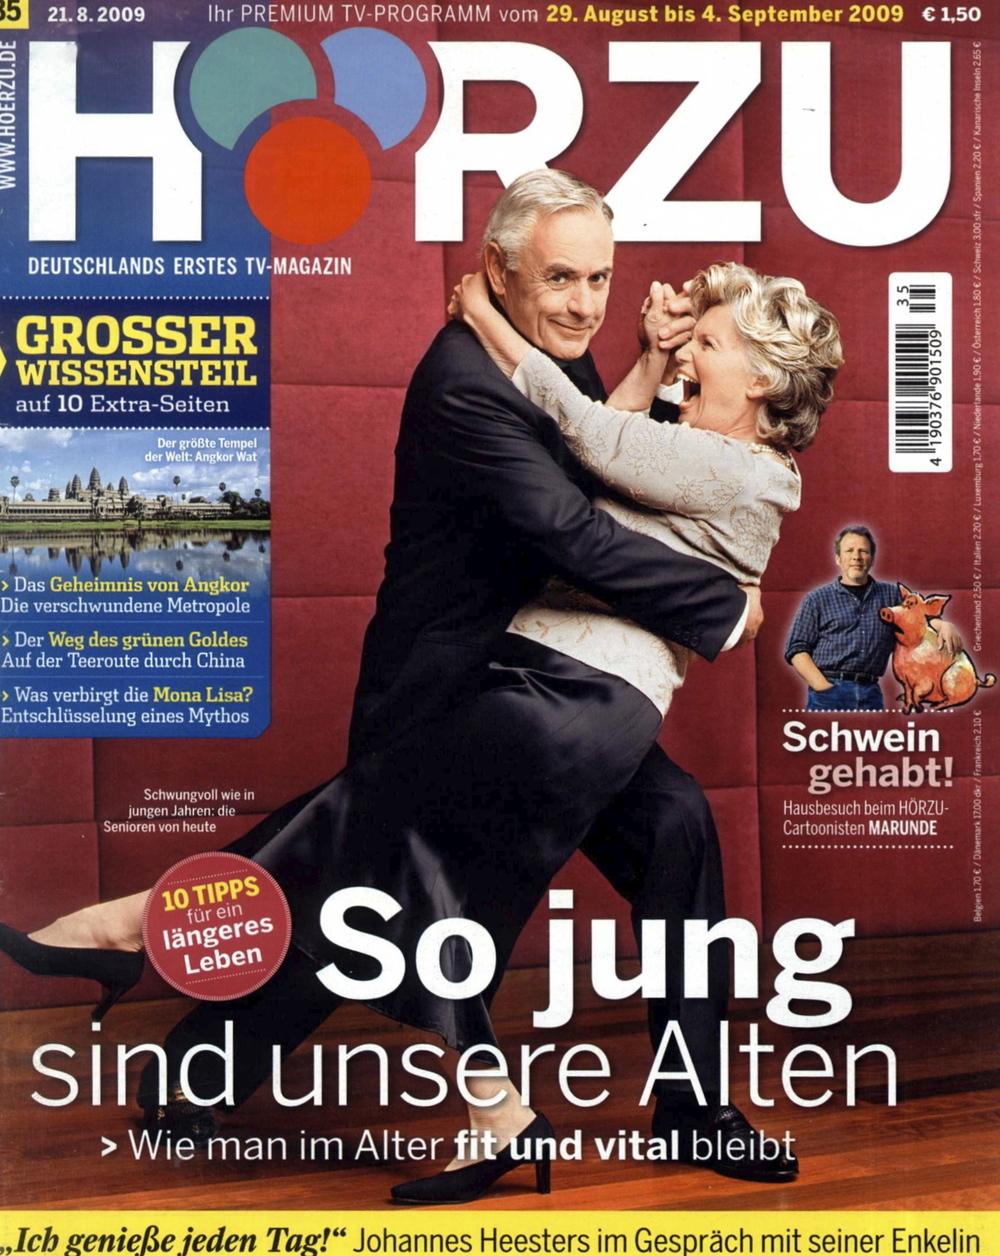 HZ_21.8.2009_Cover.jpg